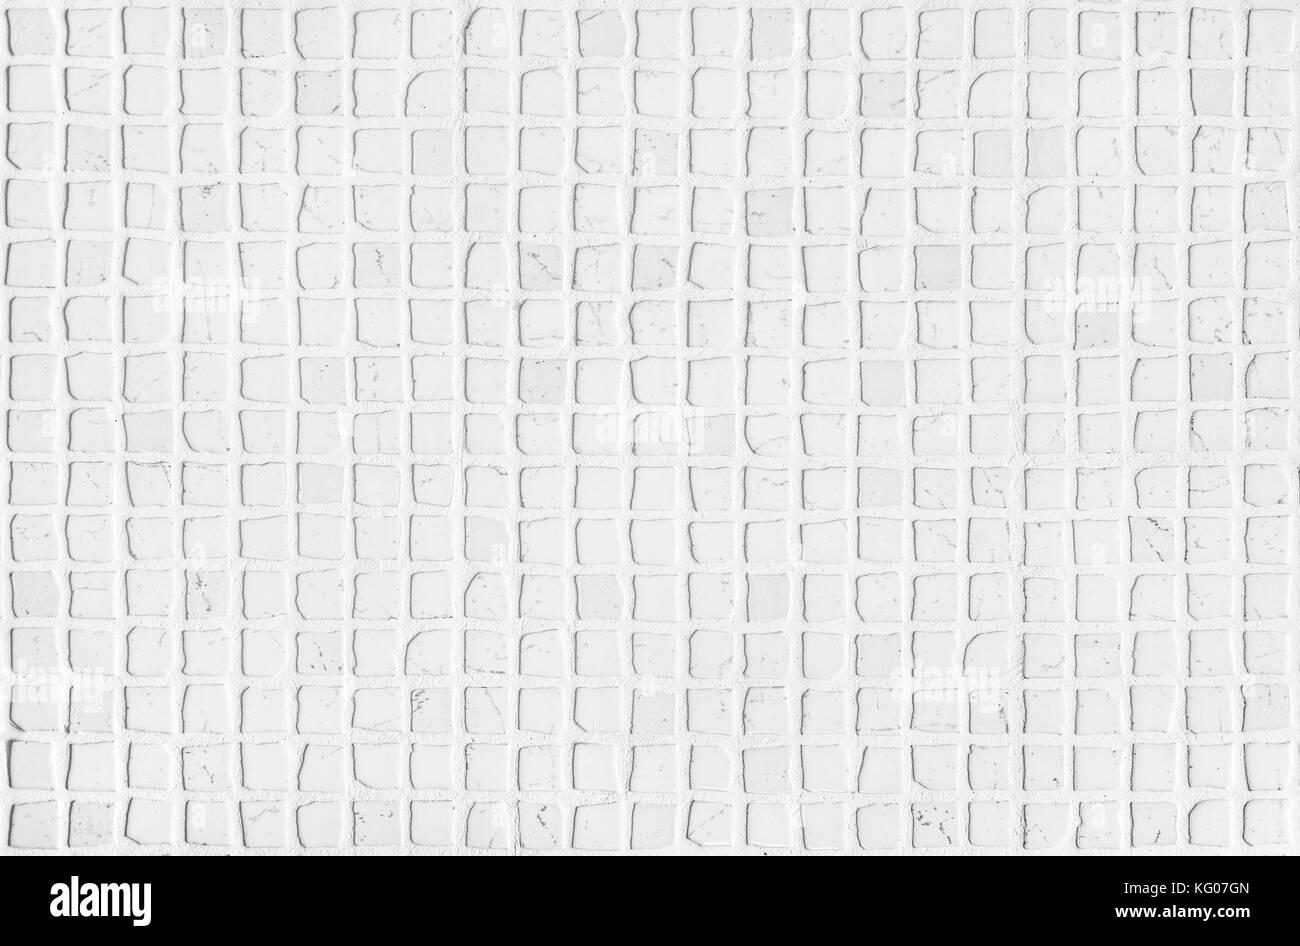 Weißer Carrara Marmor Mosaik Fliesen Tageslicht ...